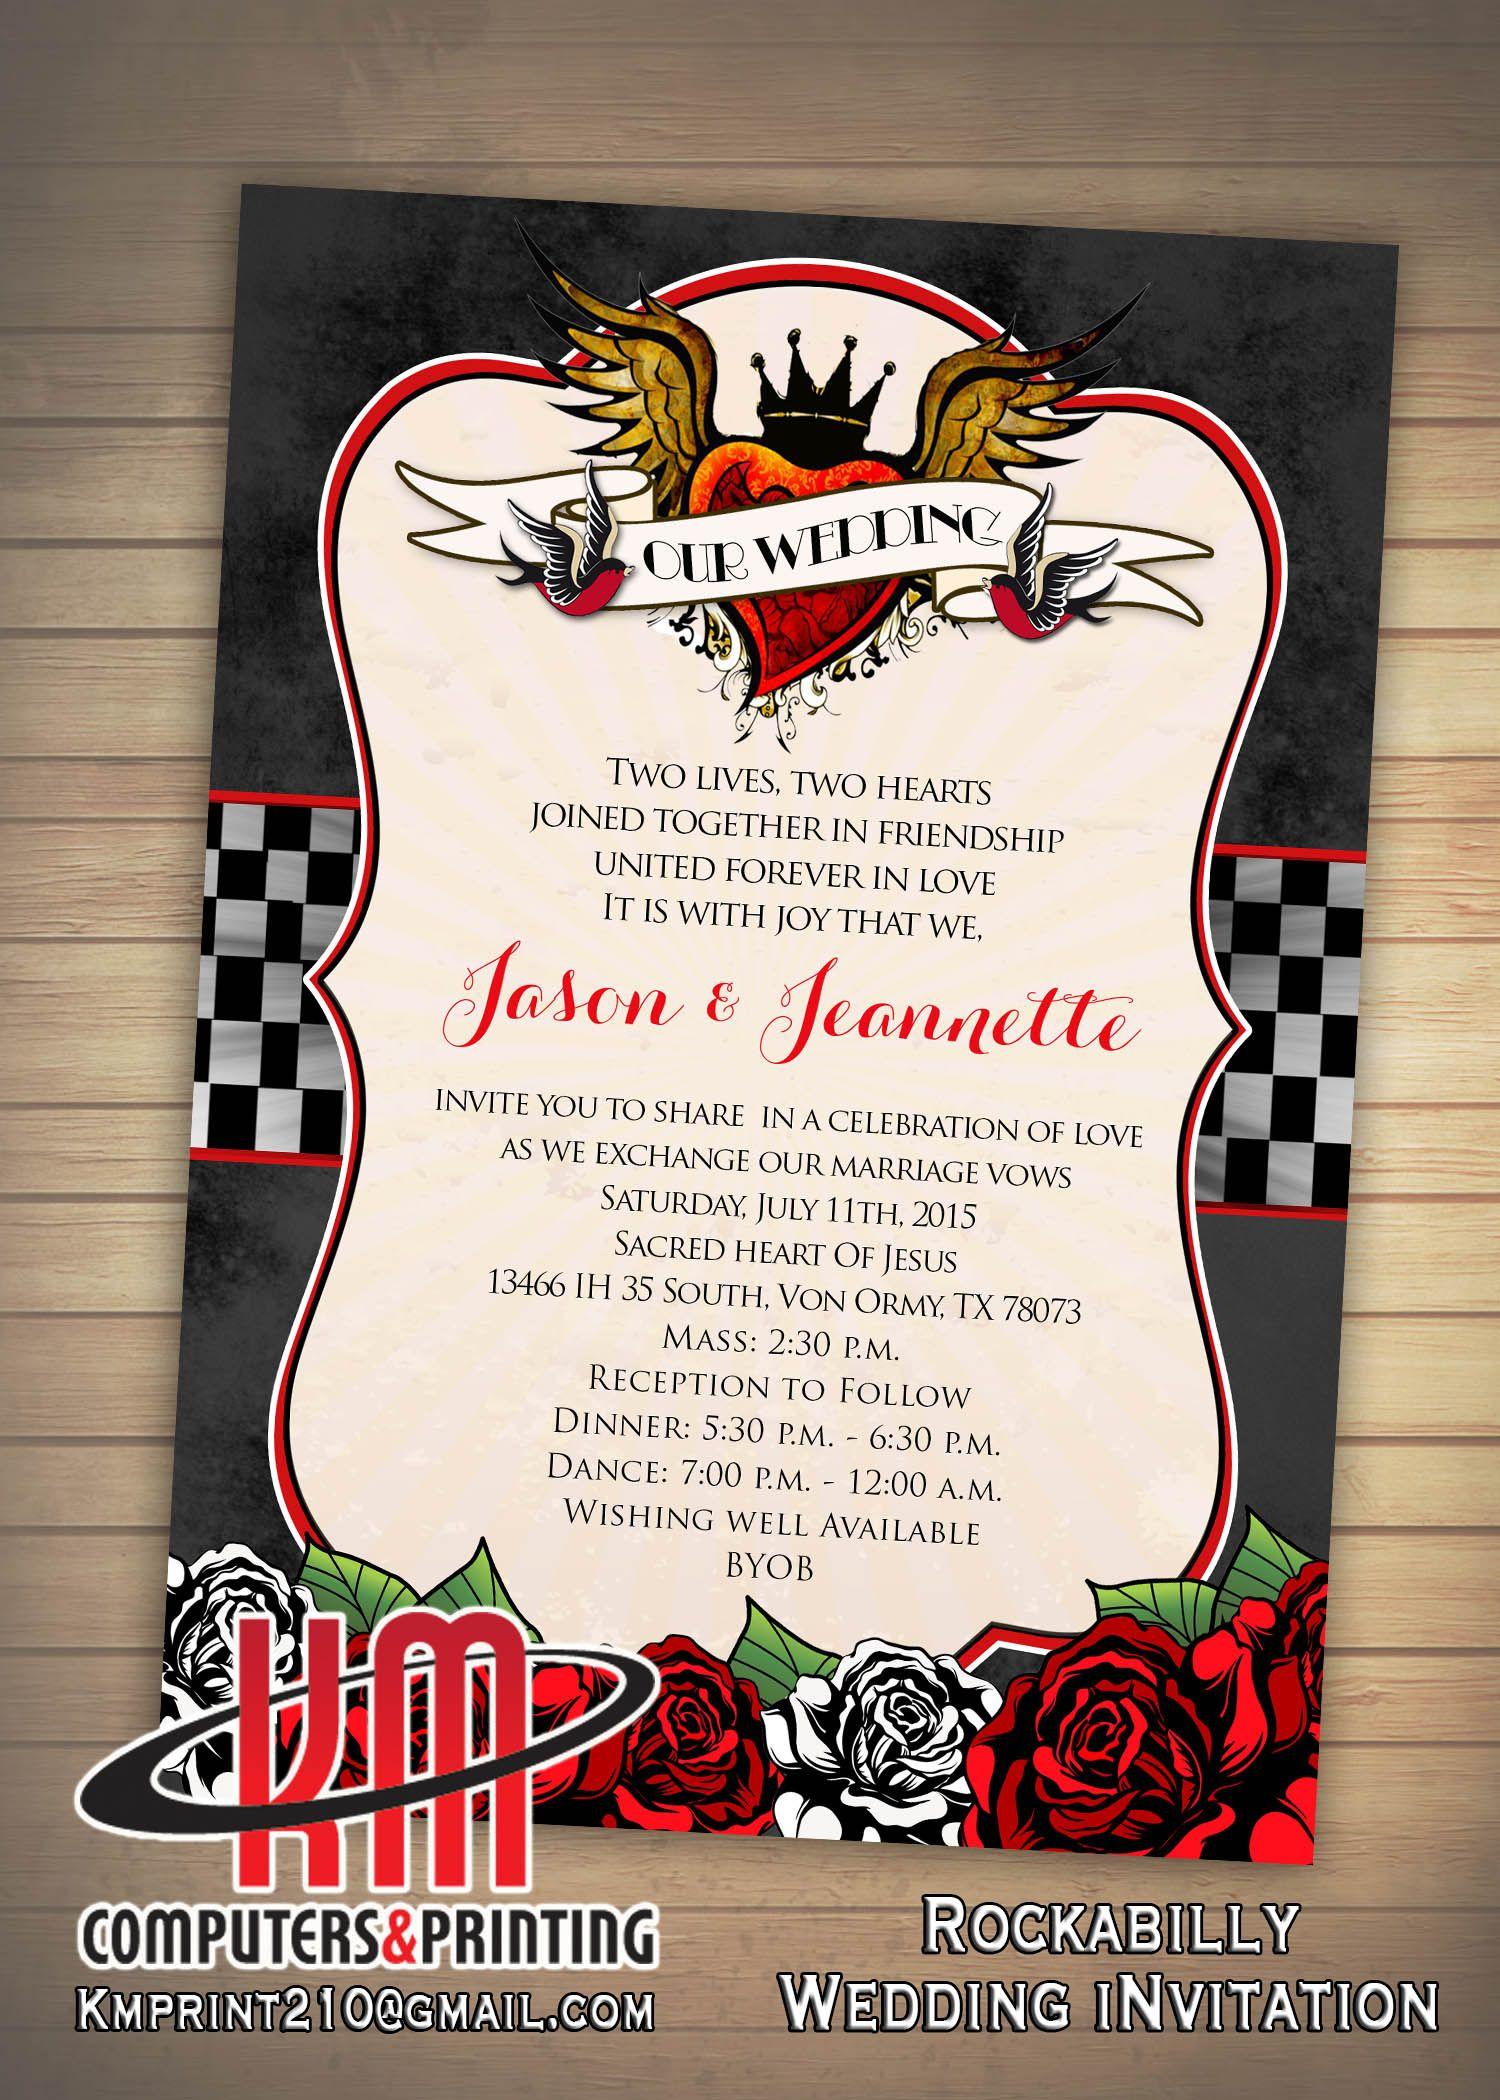 Rockabilly Invitation Wedding Sweet Birthday Digital